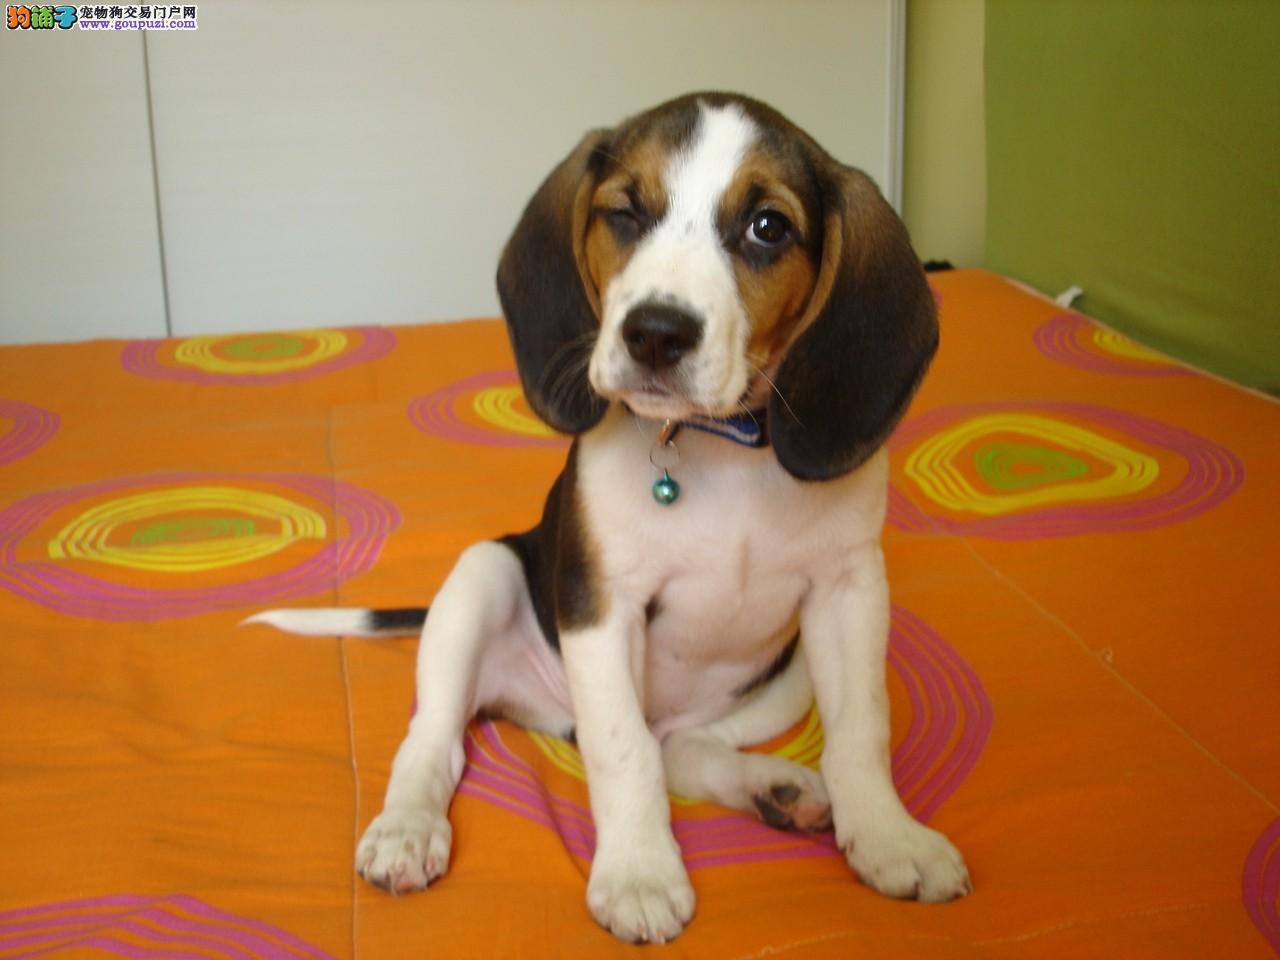 石家庄CKU认证犬舍出售高品质比格犬微信咨询看狗狗照片